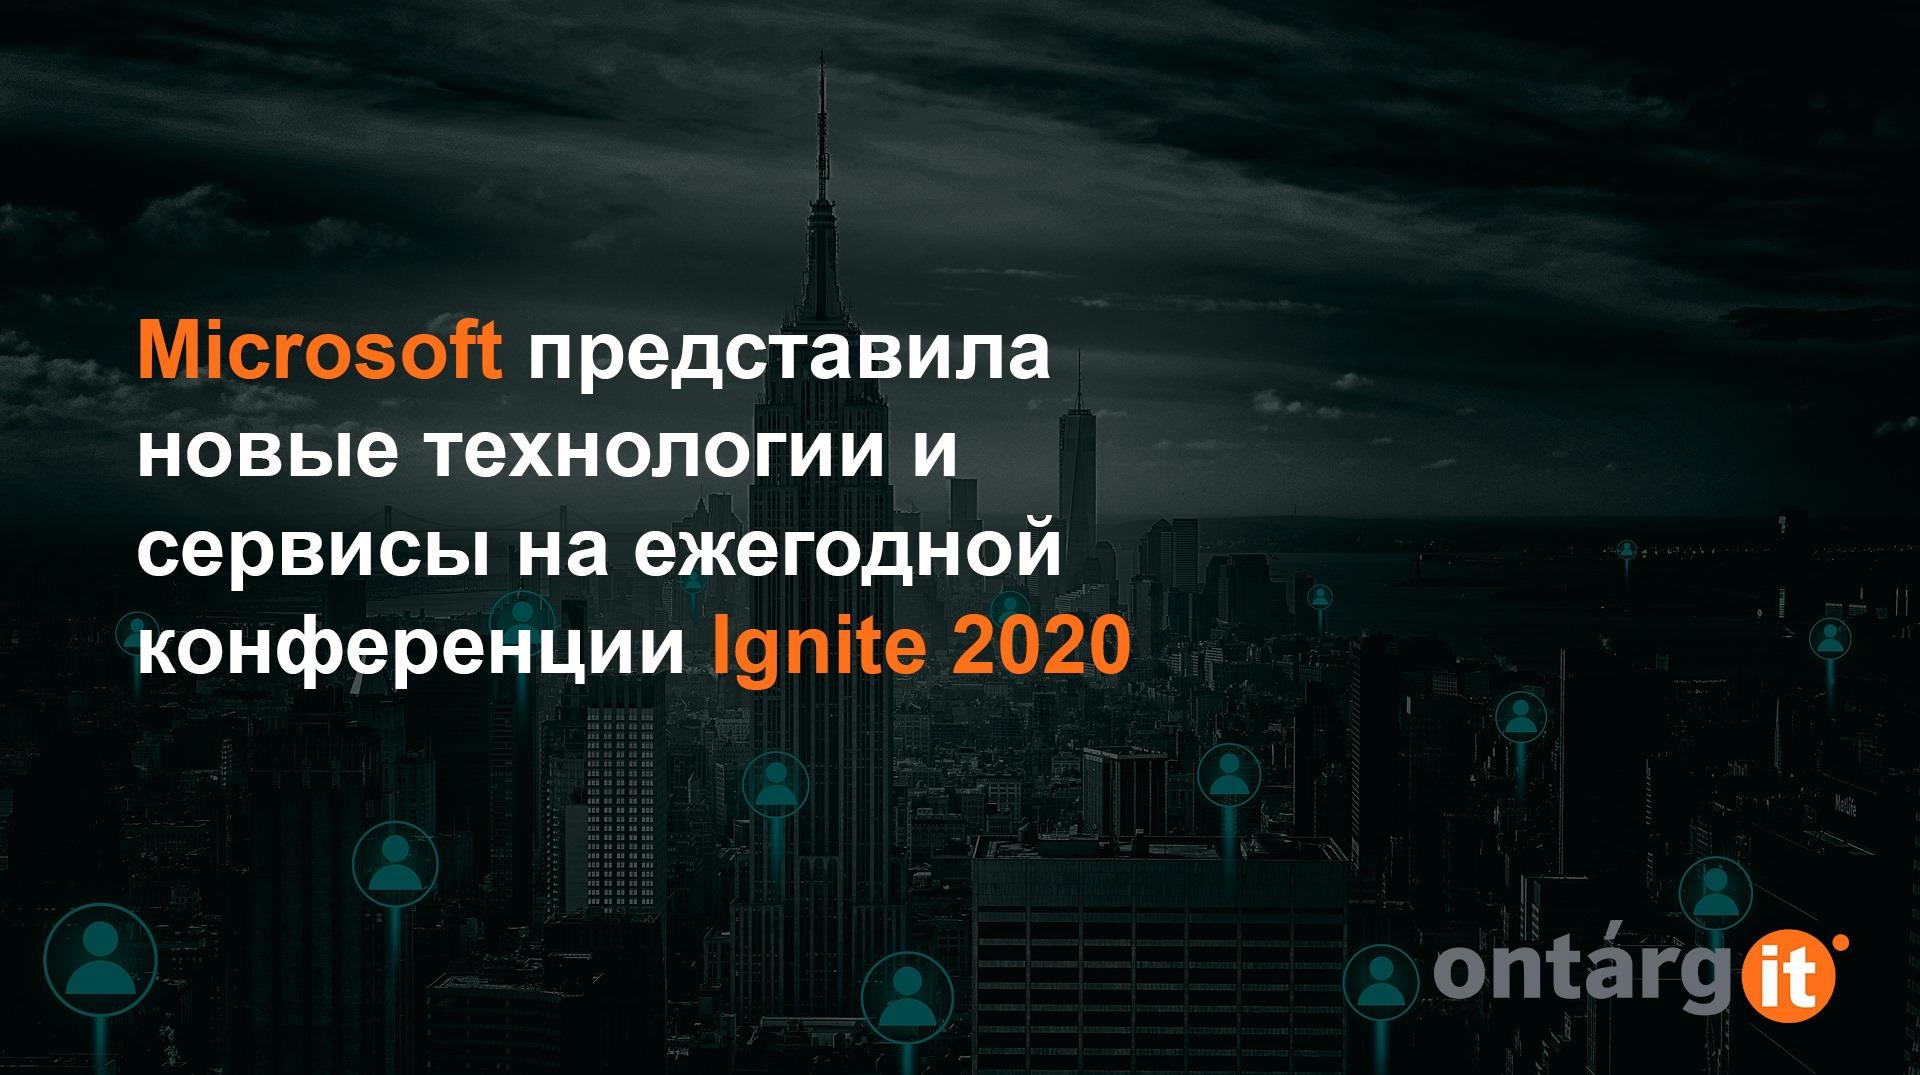 Microsoft представила новые технологии и сервисы на ежегодных конференциях Ignite 2020